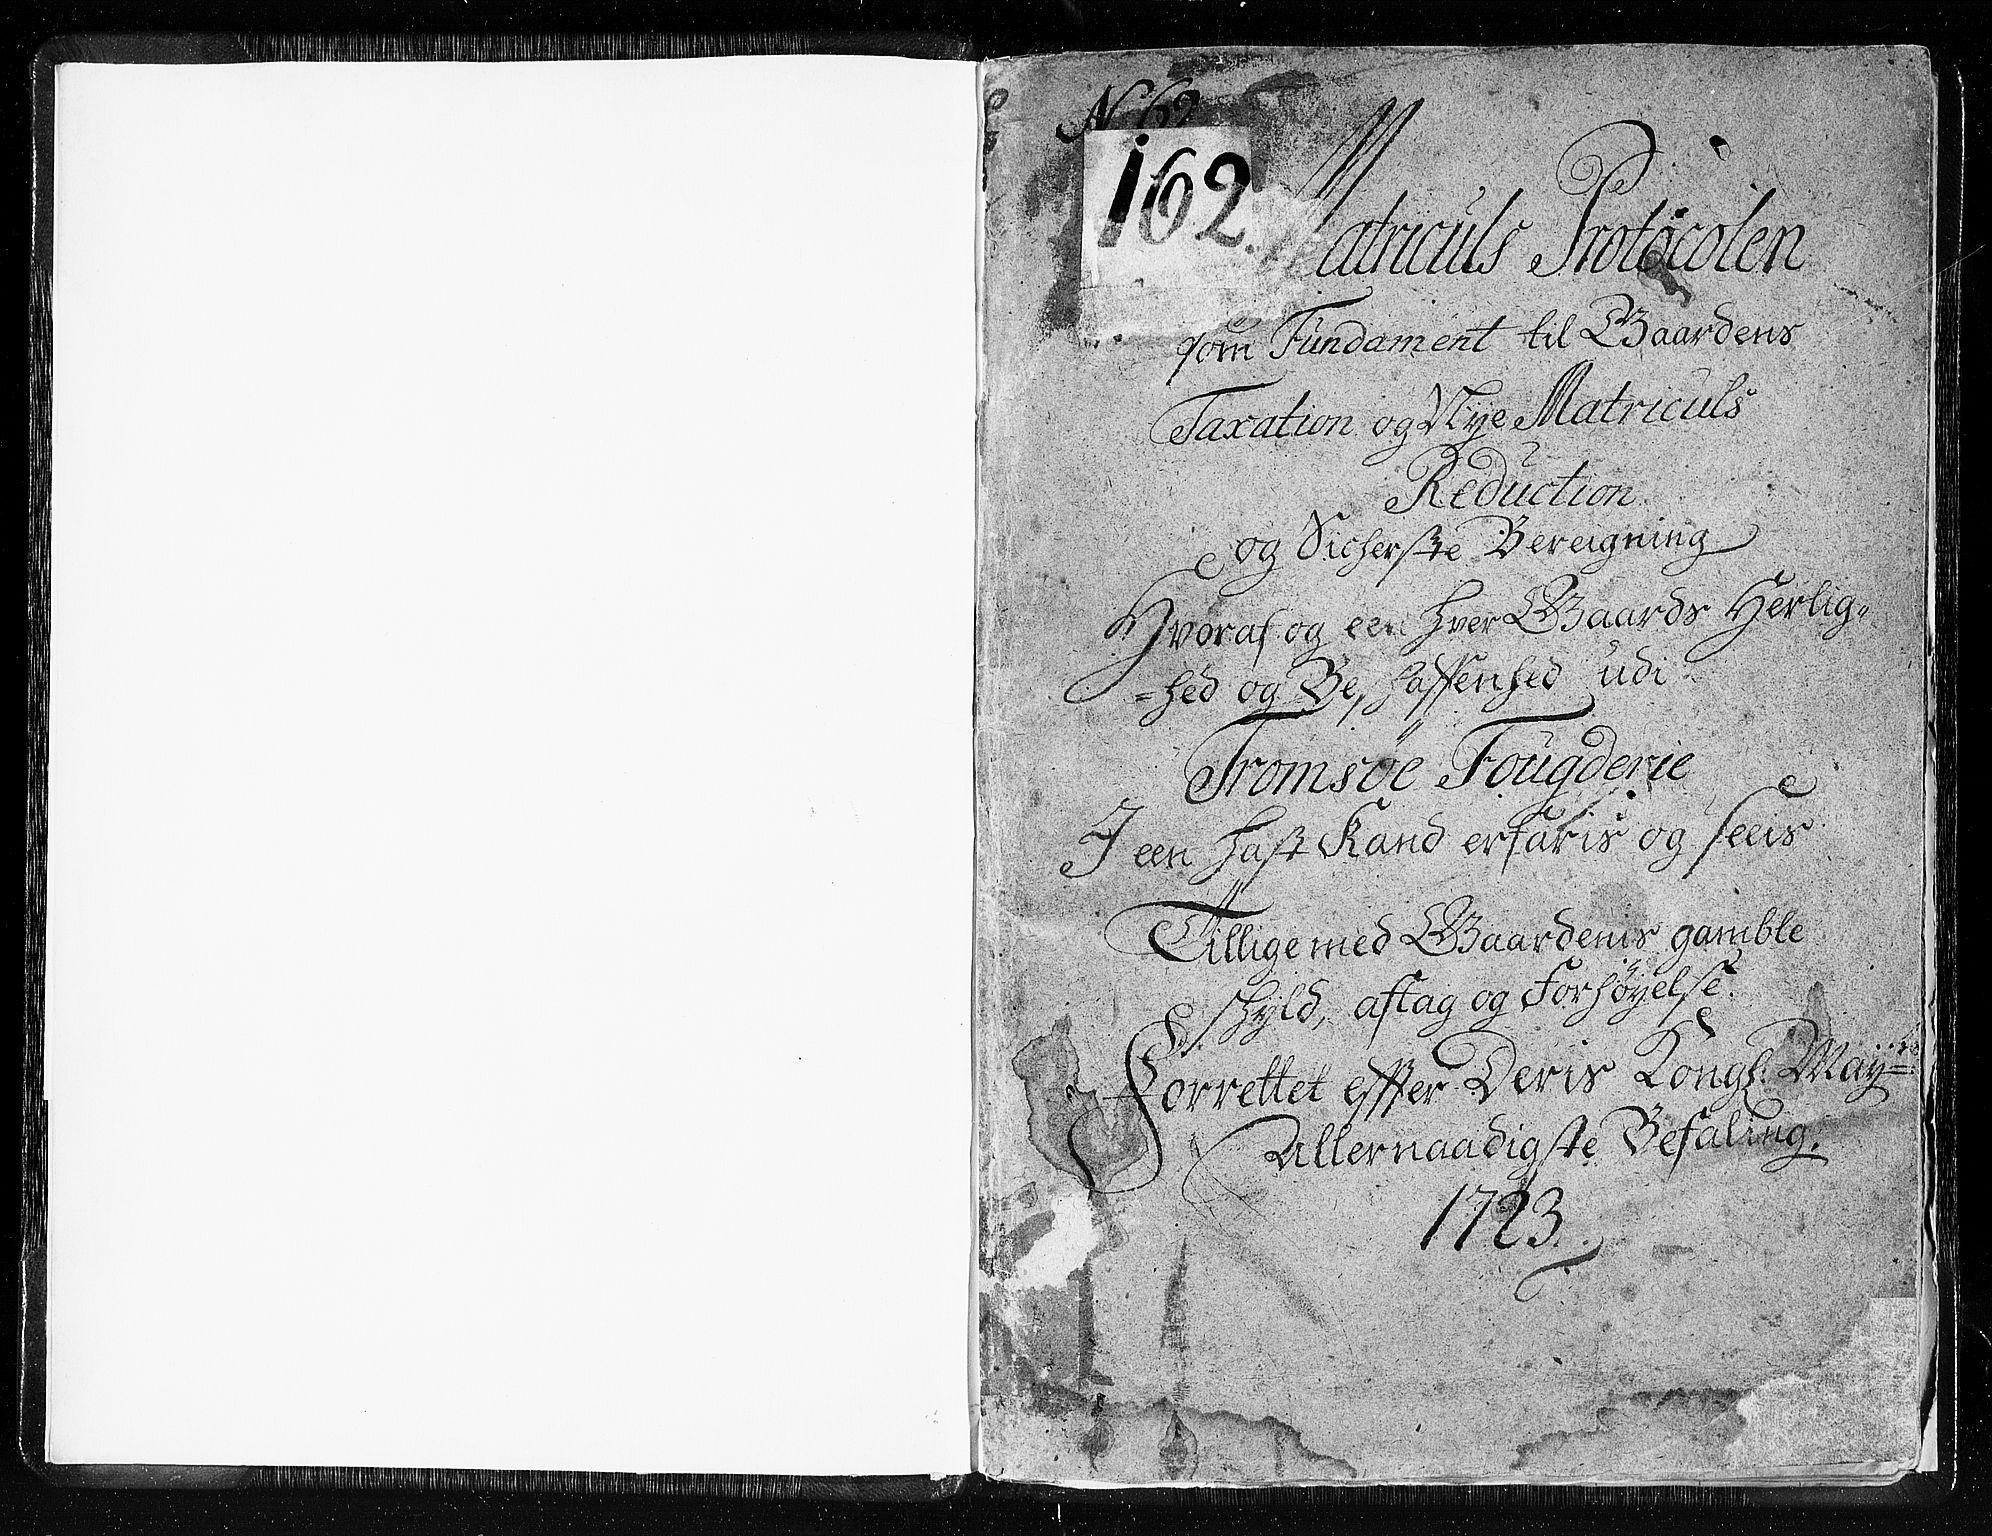 RA, Rentekammeret inntil 1814, Realistisk ordnet avdeling, N/Nb/Nbf/L0180: Troms eksaminasjonsprotokoll, 1723, s. 1a